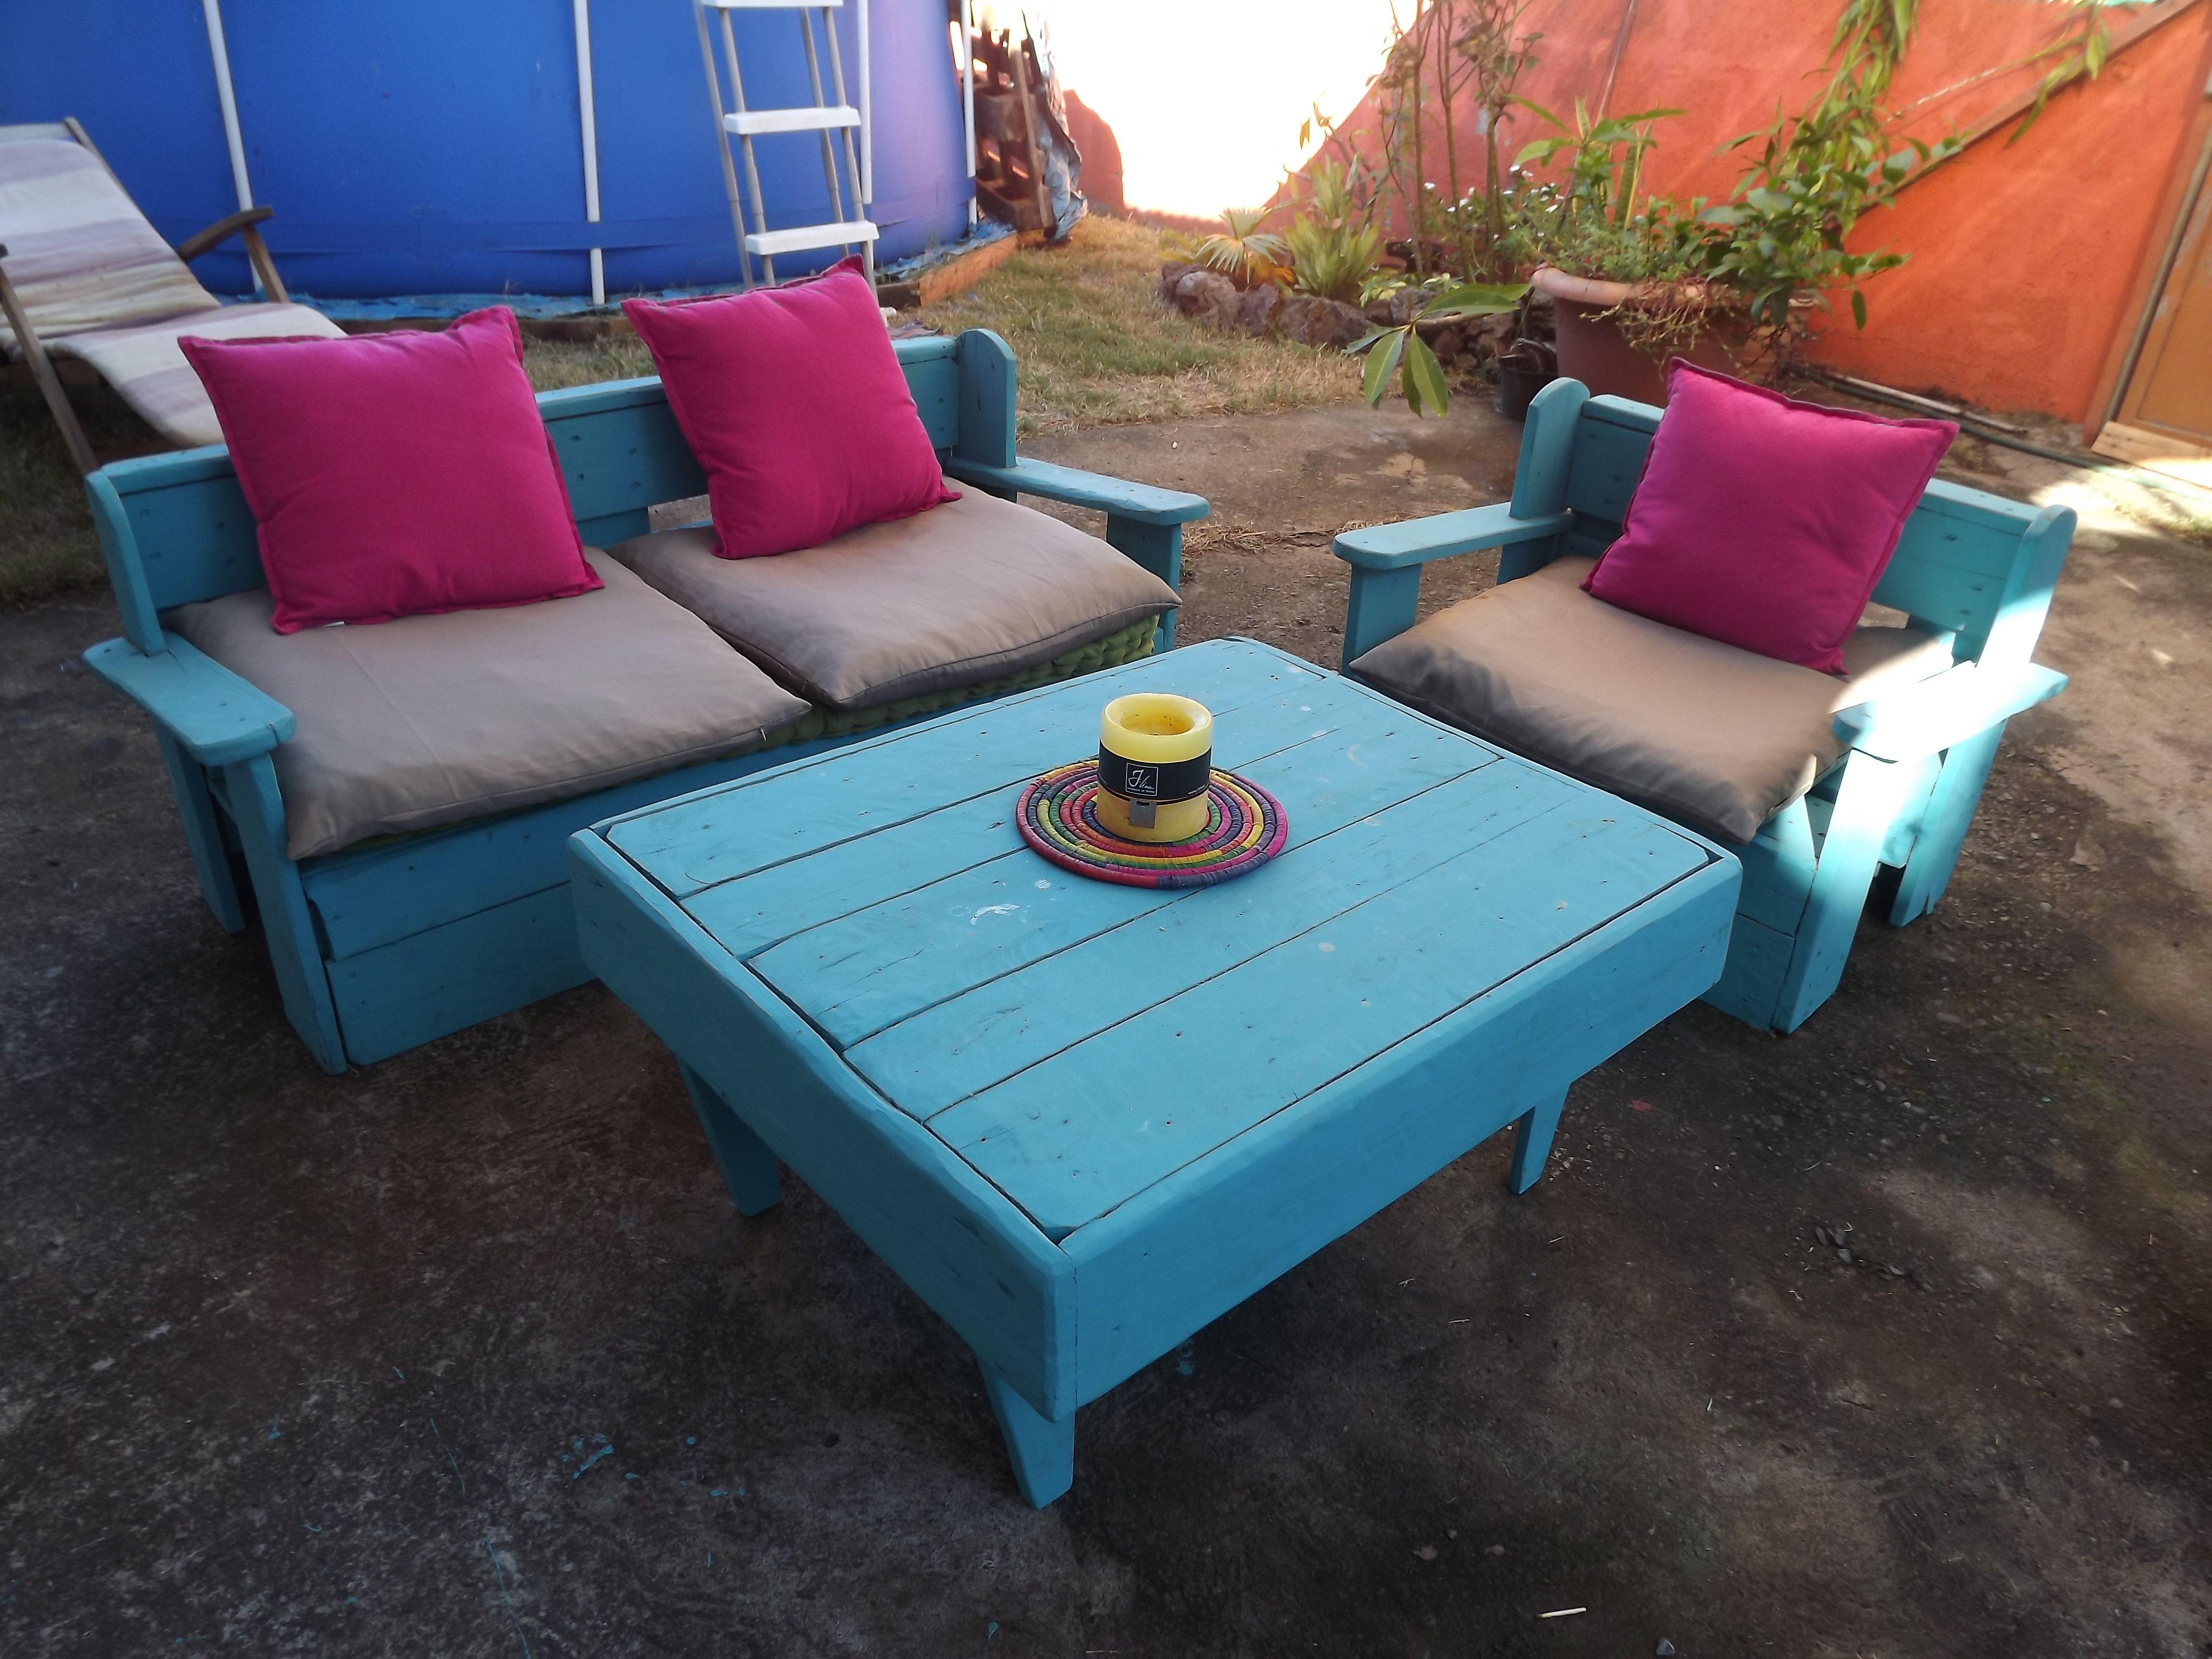 salon de jardin en palettes de bois woodworking project ideas pinterest pallets pallet. Black Bedroom Furniture Sets. Home Design Ideas